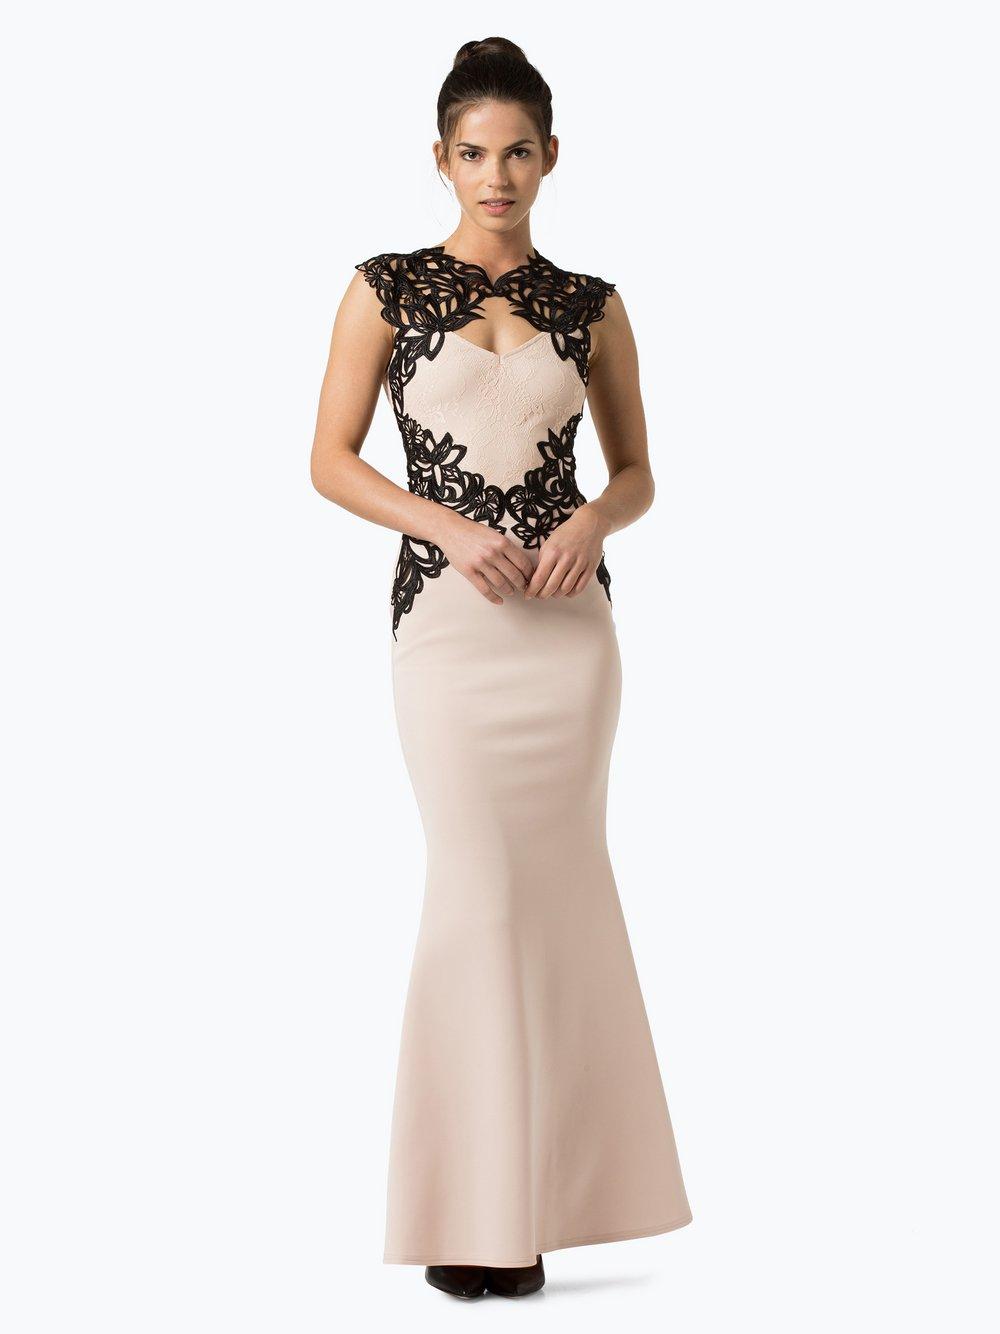 c83b16c0f4 Lipsy Damska sukienka wieczorowa kup online